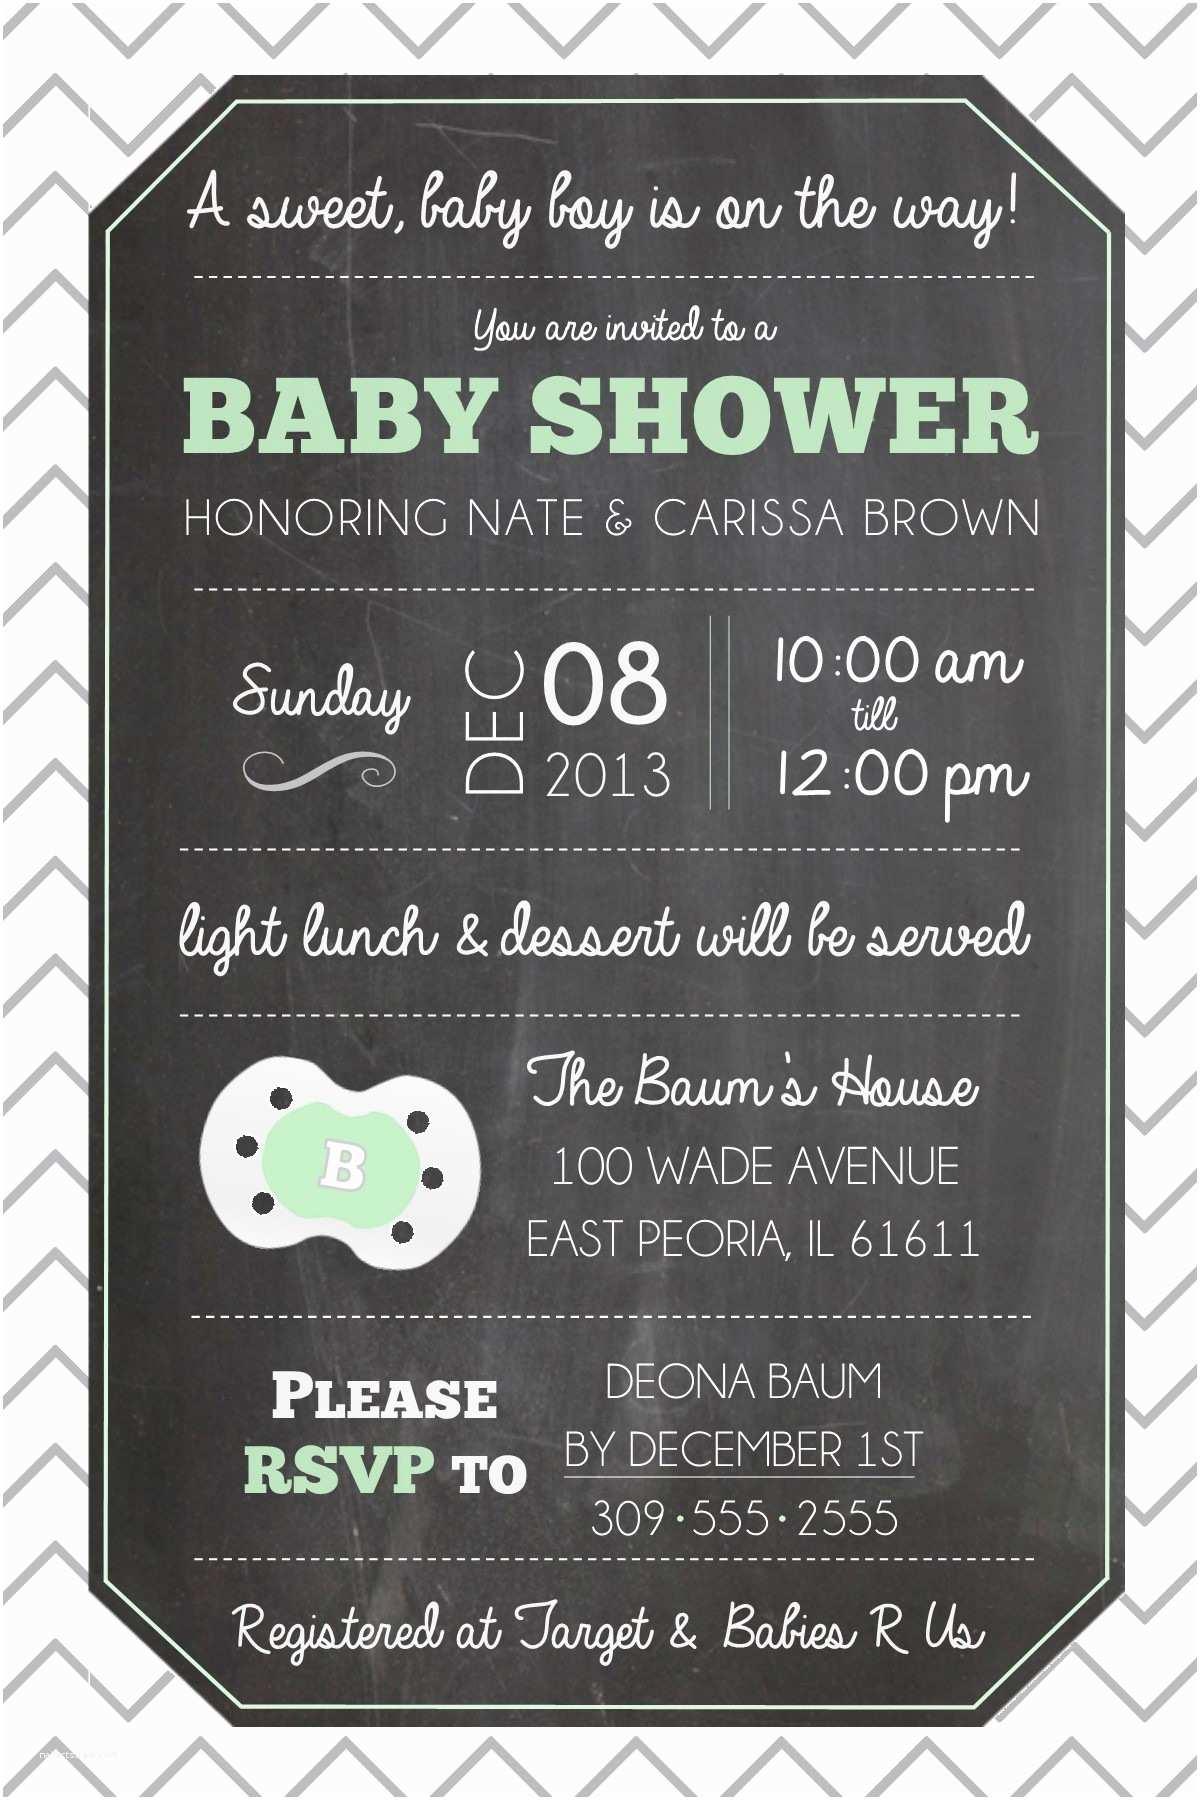 Chalkboard Baby Shower Invitations Chalkboard Inspired Invitations Baby Shower & Holiday